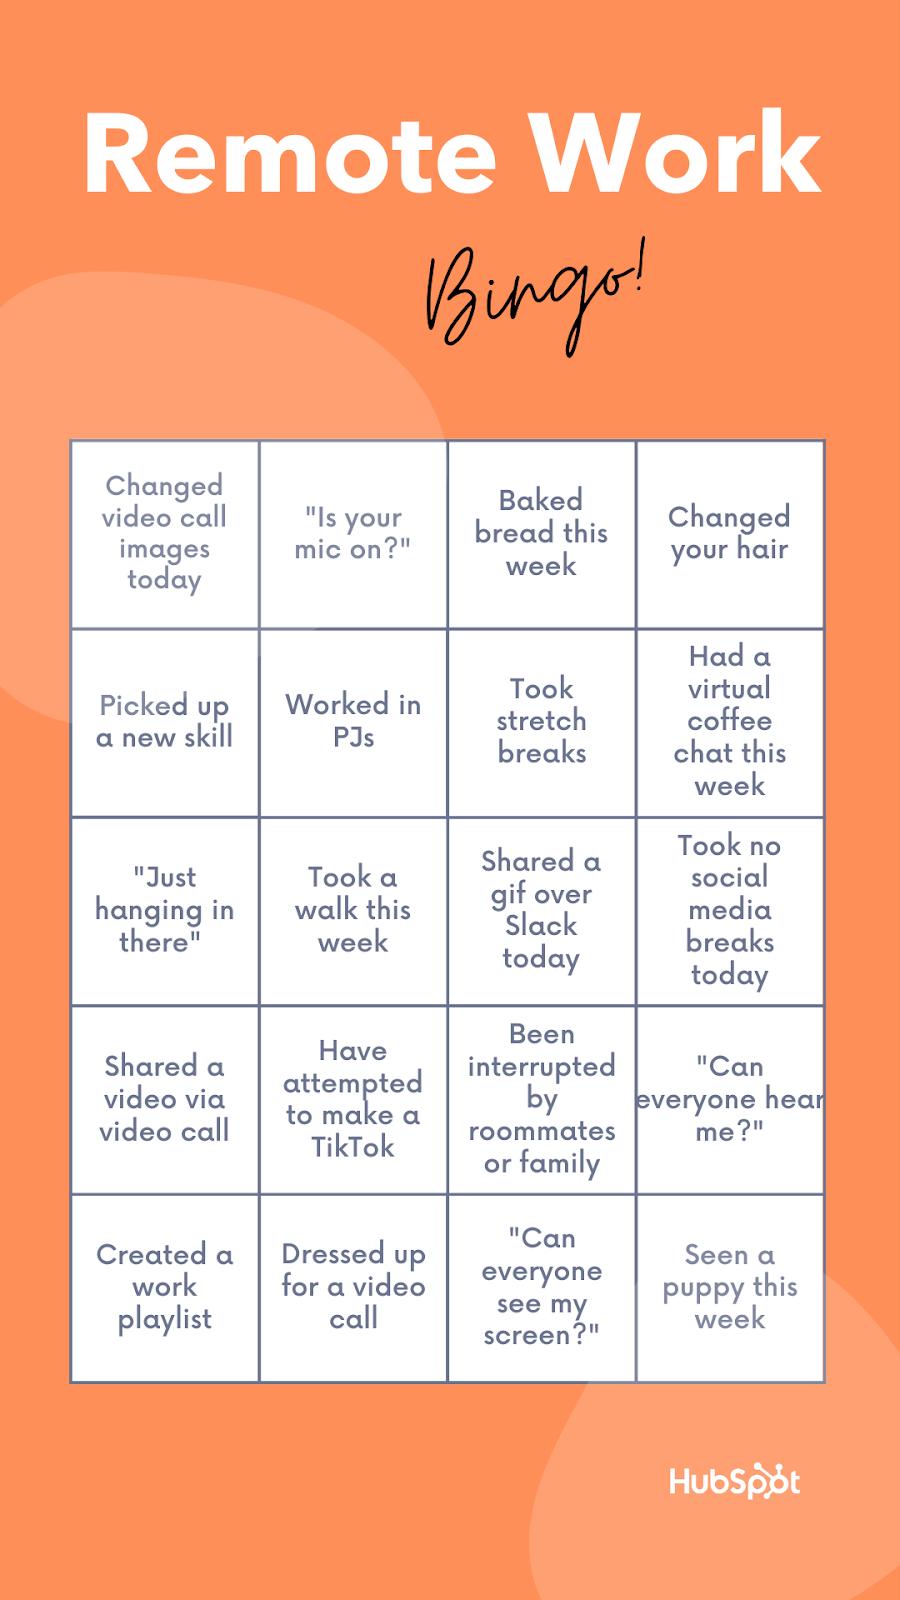 Plantilla de bingo remoto de HubSpot